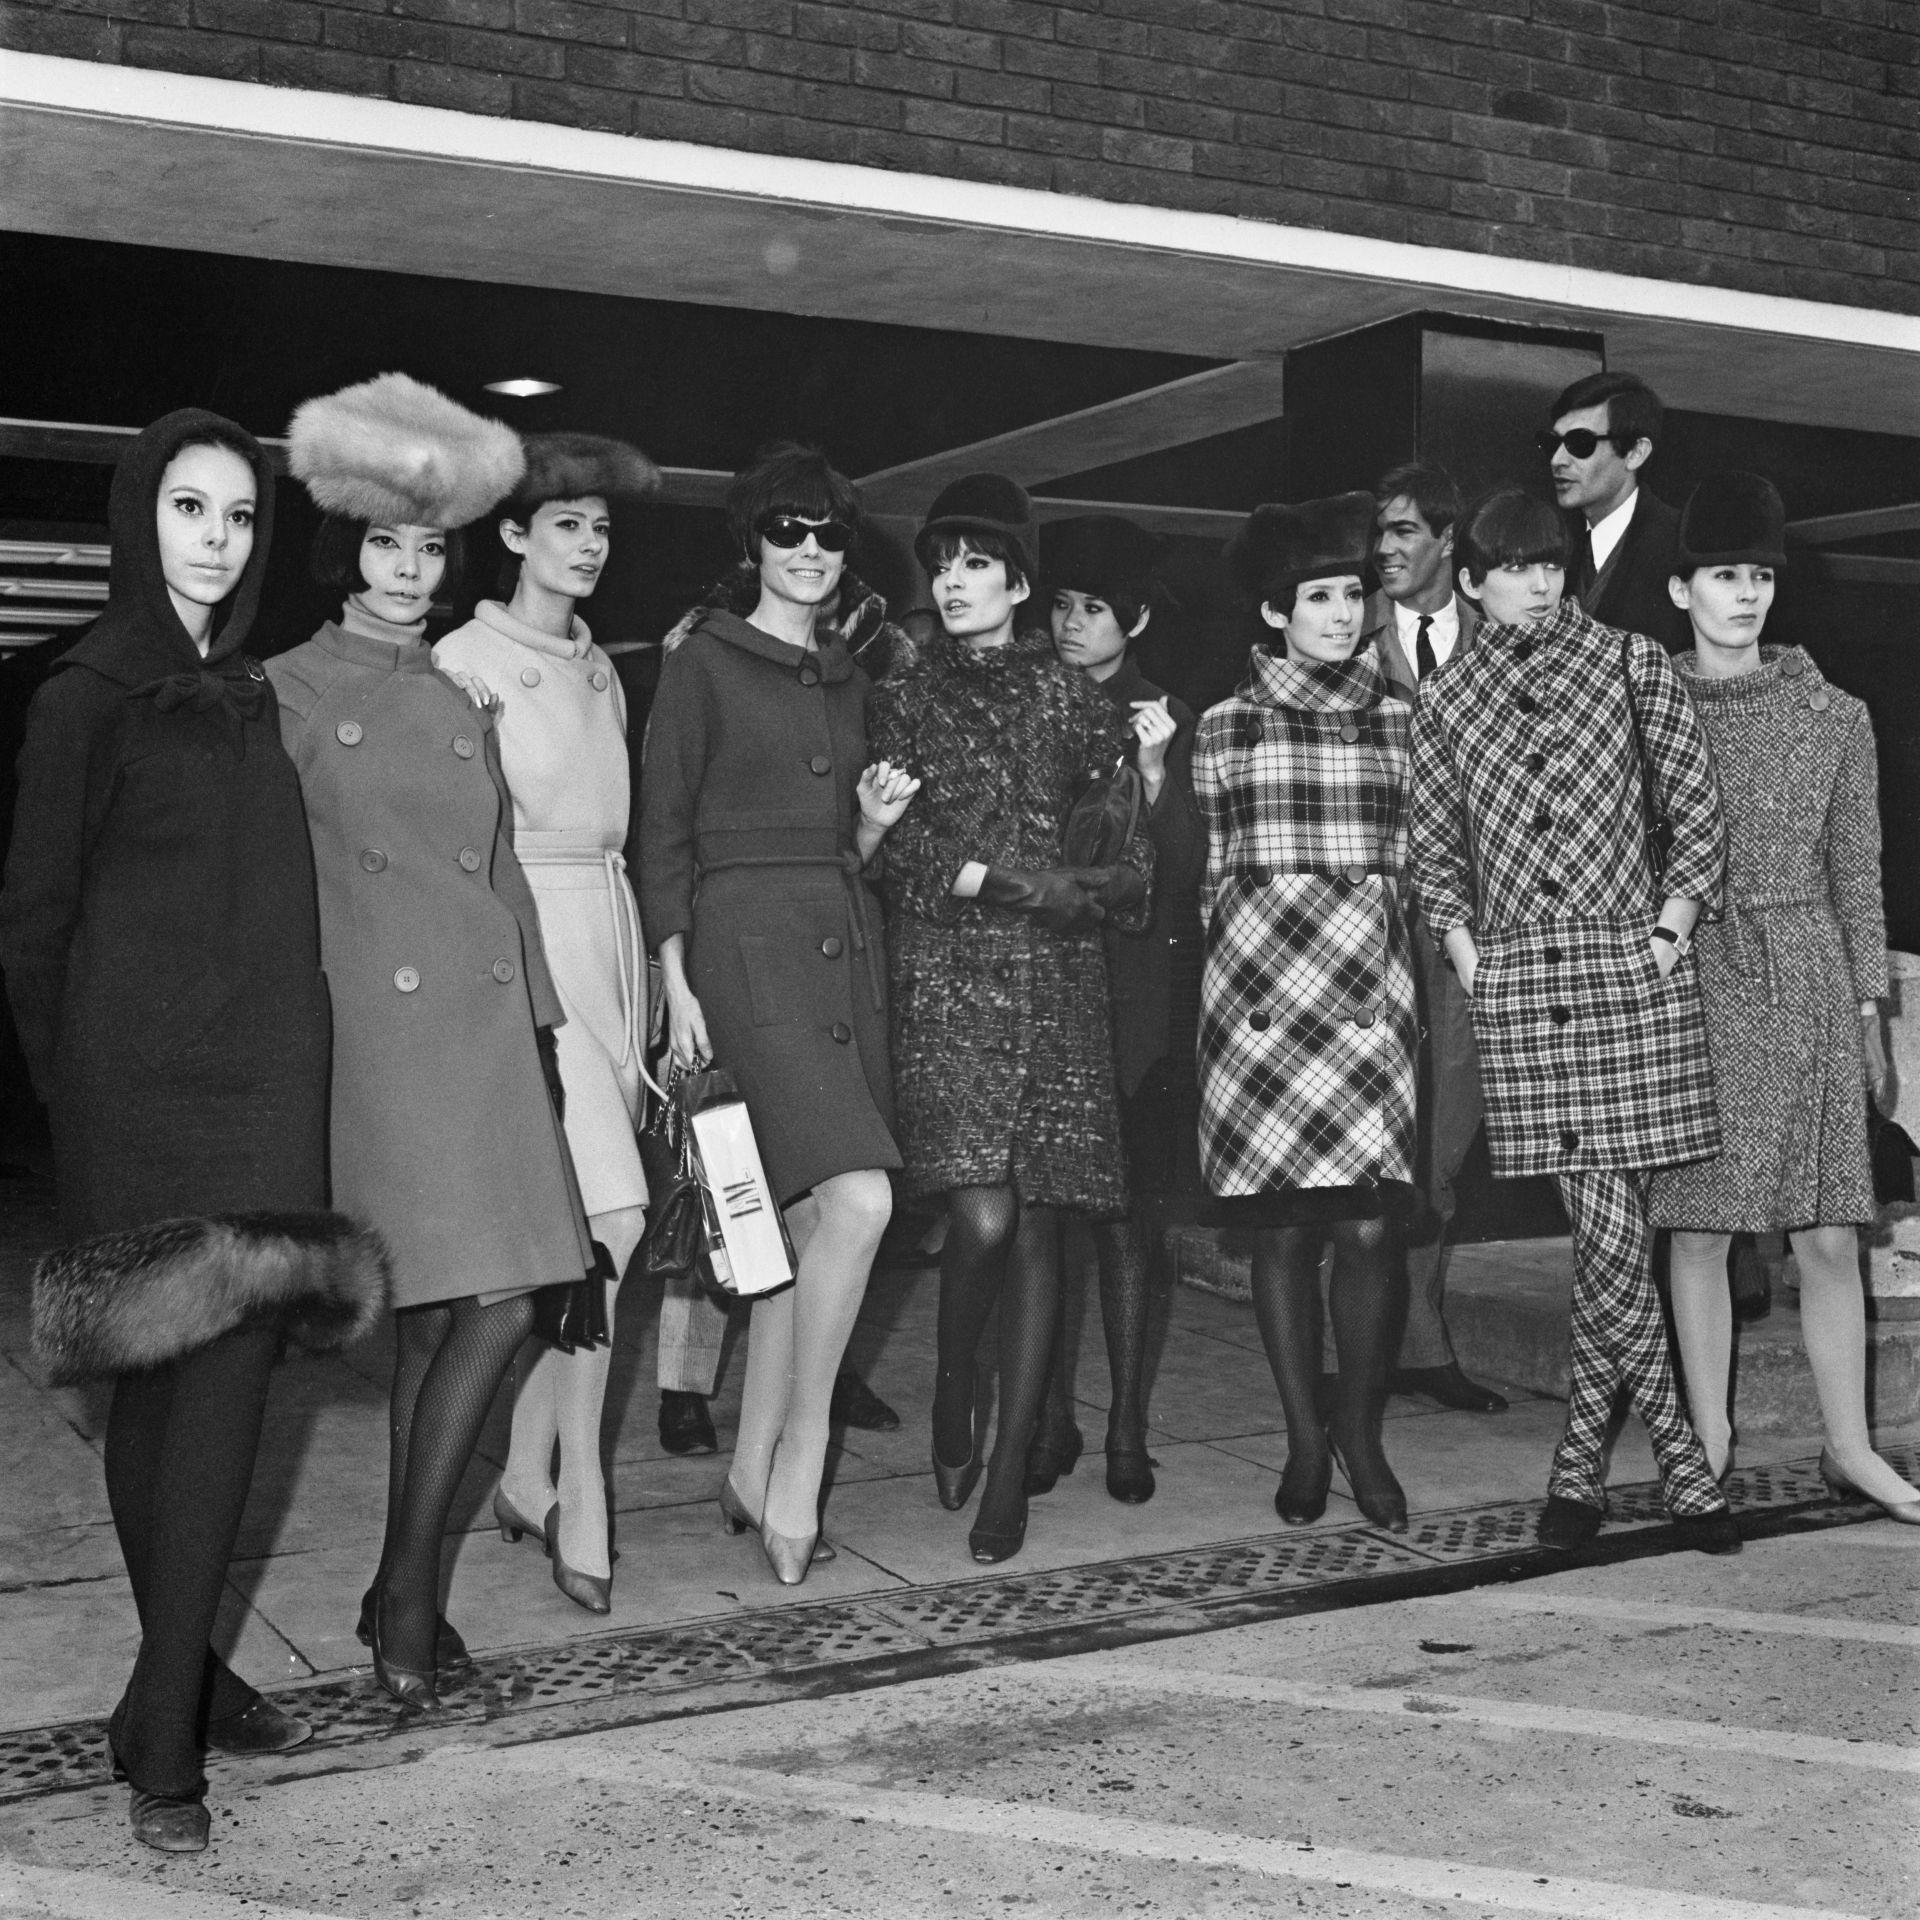 Карден позира с топмодели на Летището в Лондон, след благотворителна модна гала на 23 февруари 1966г. Любимата му Хироко Мацумото е втората отляво